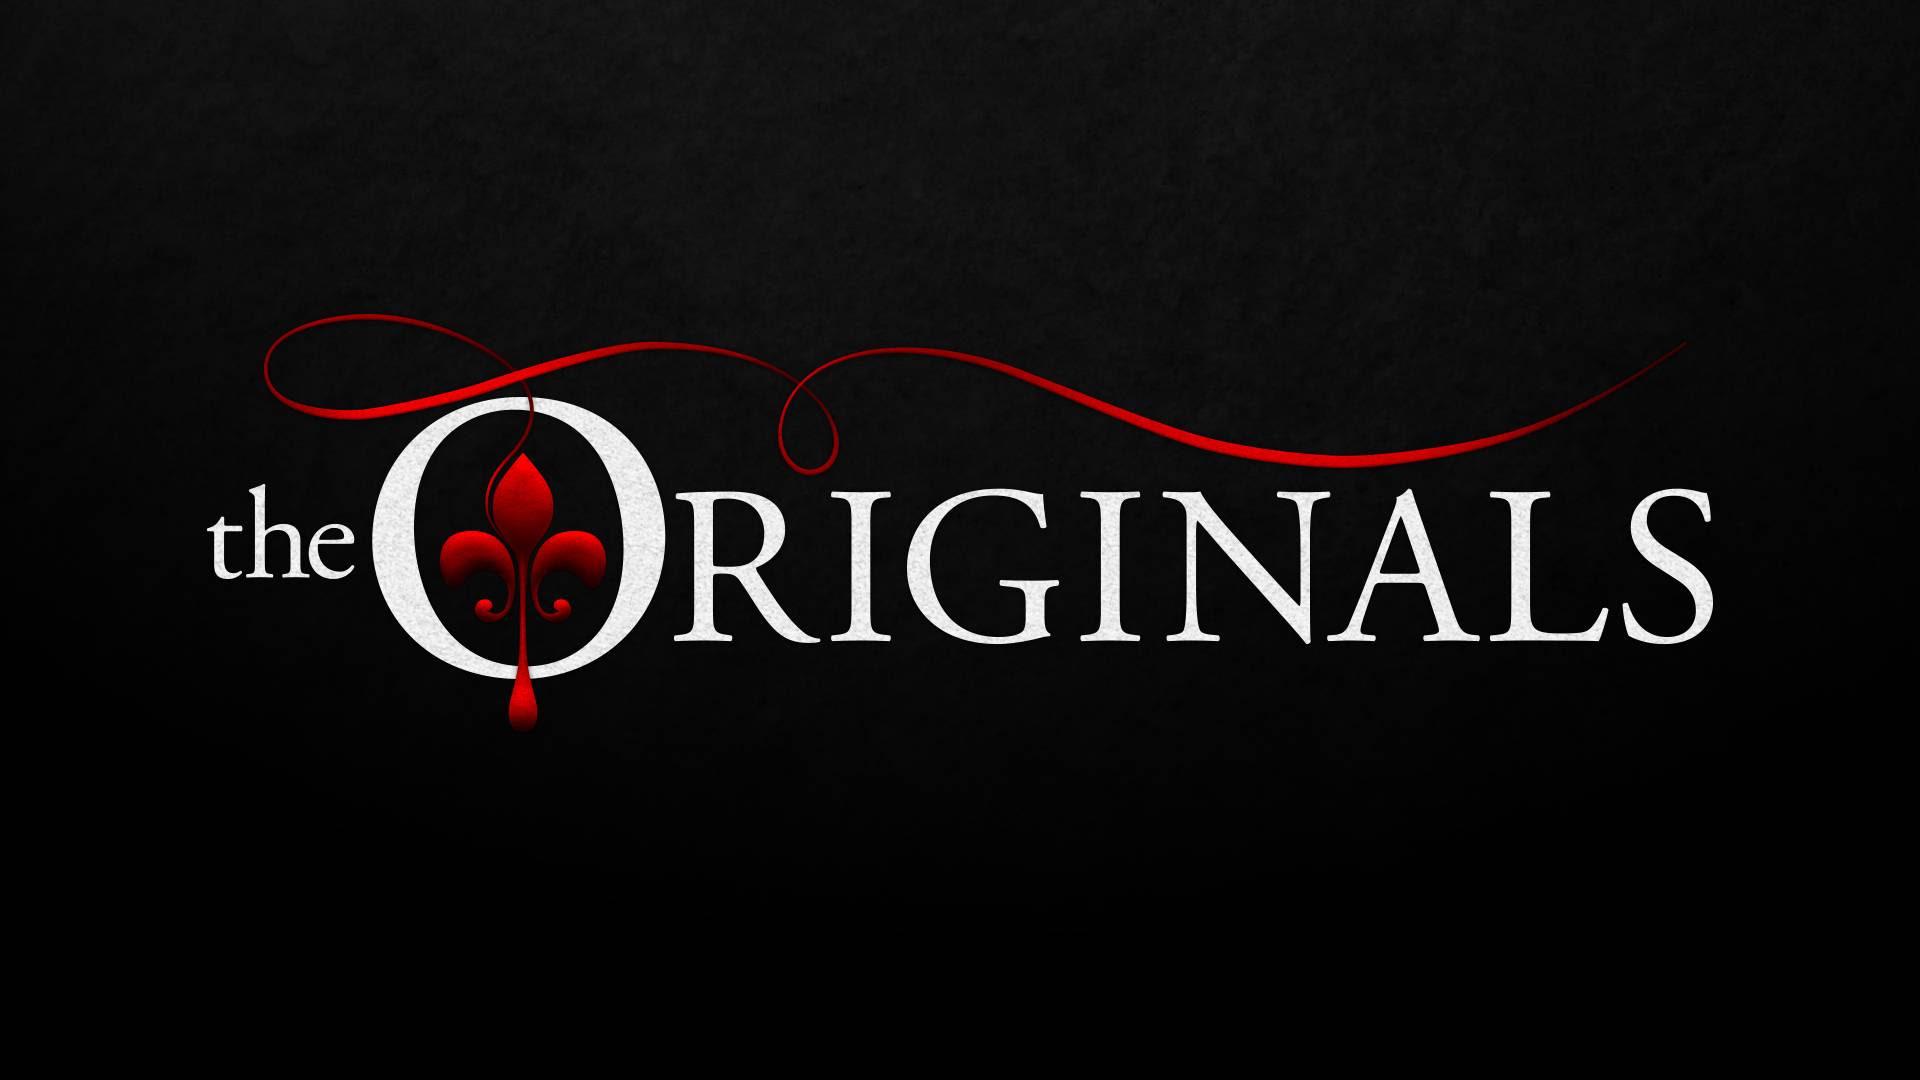 Risultati immagini per The Originals logo